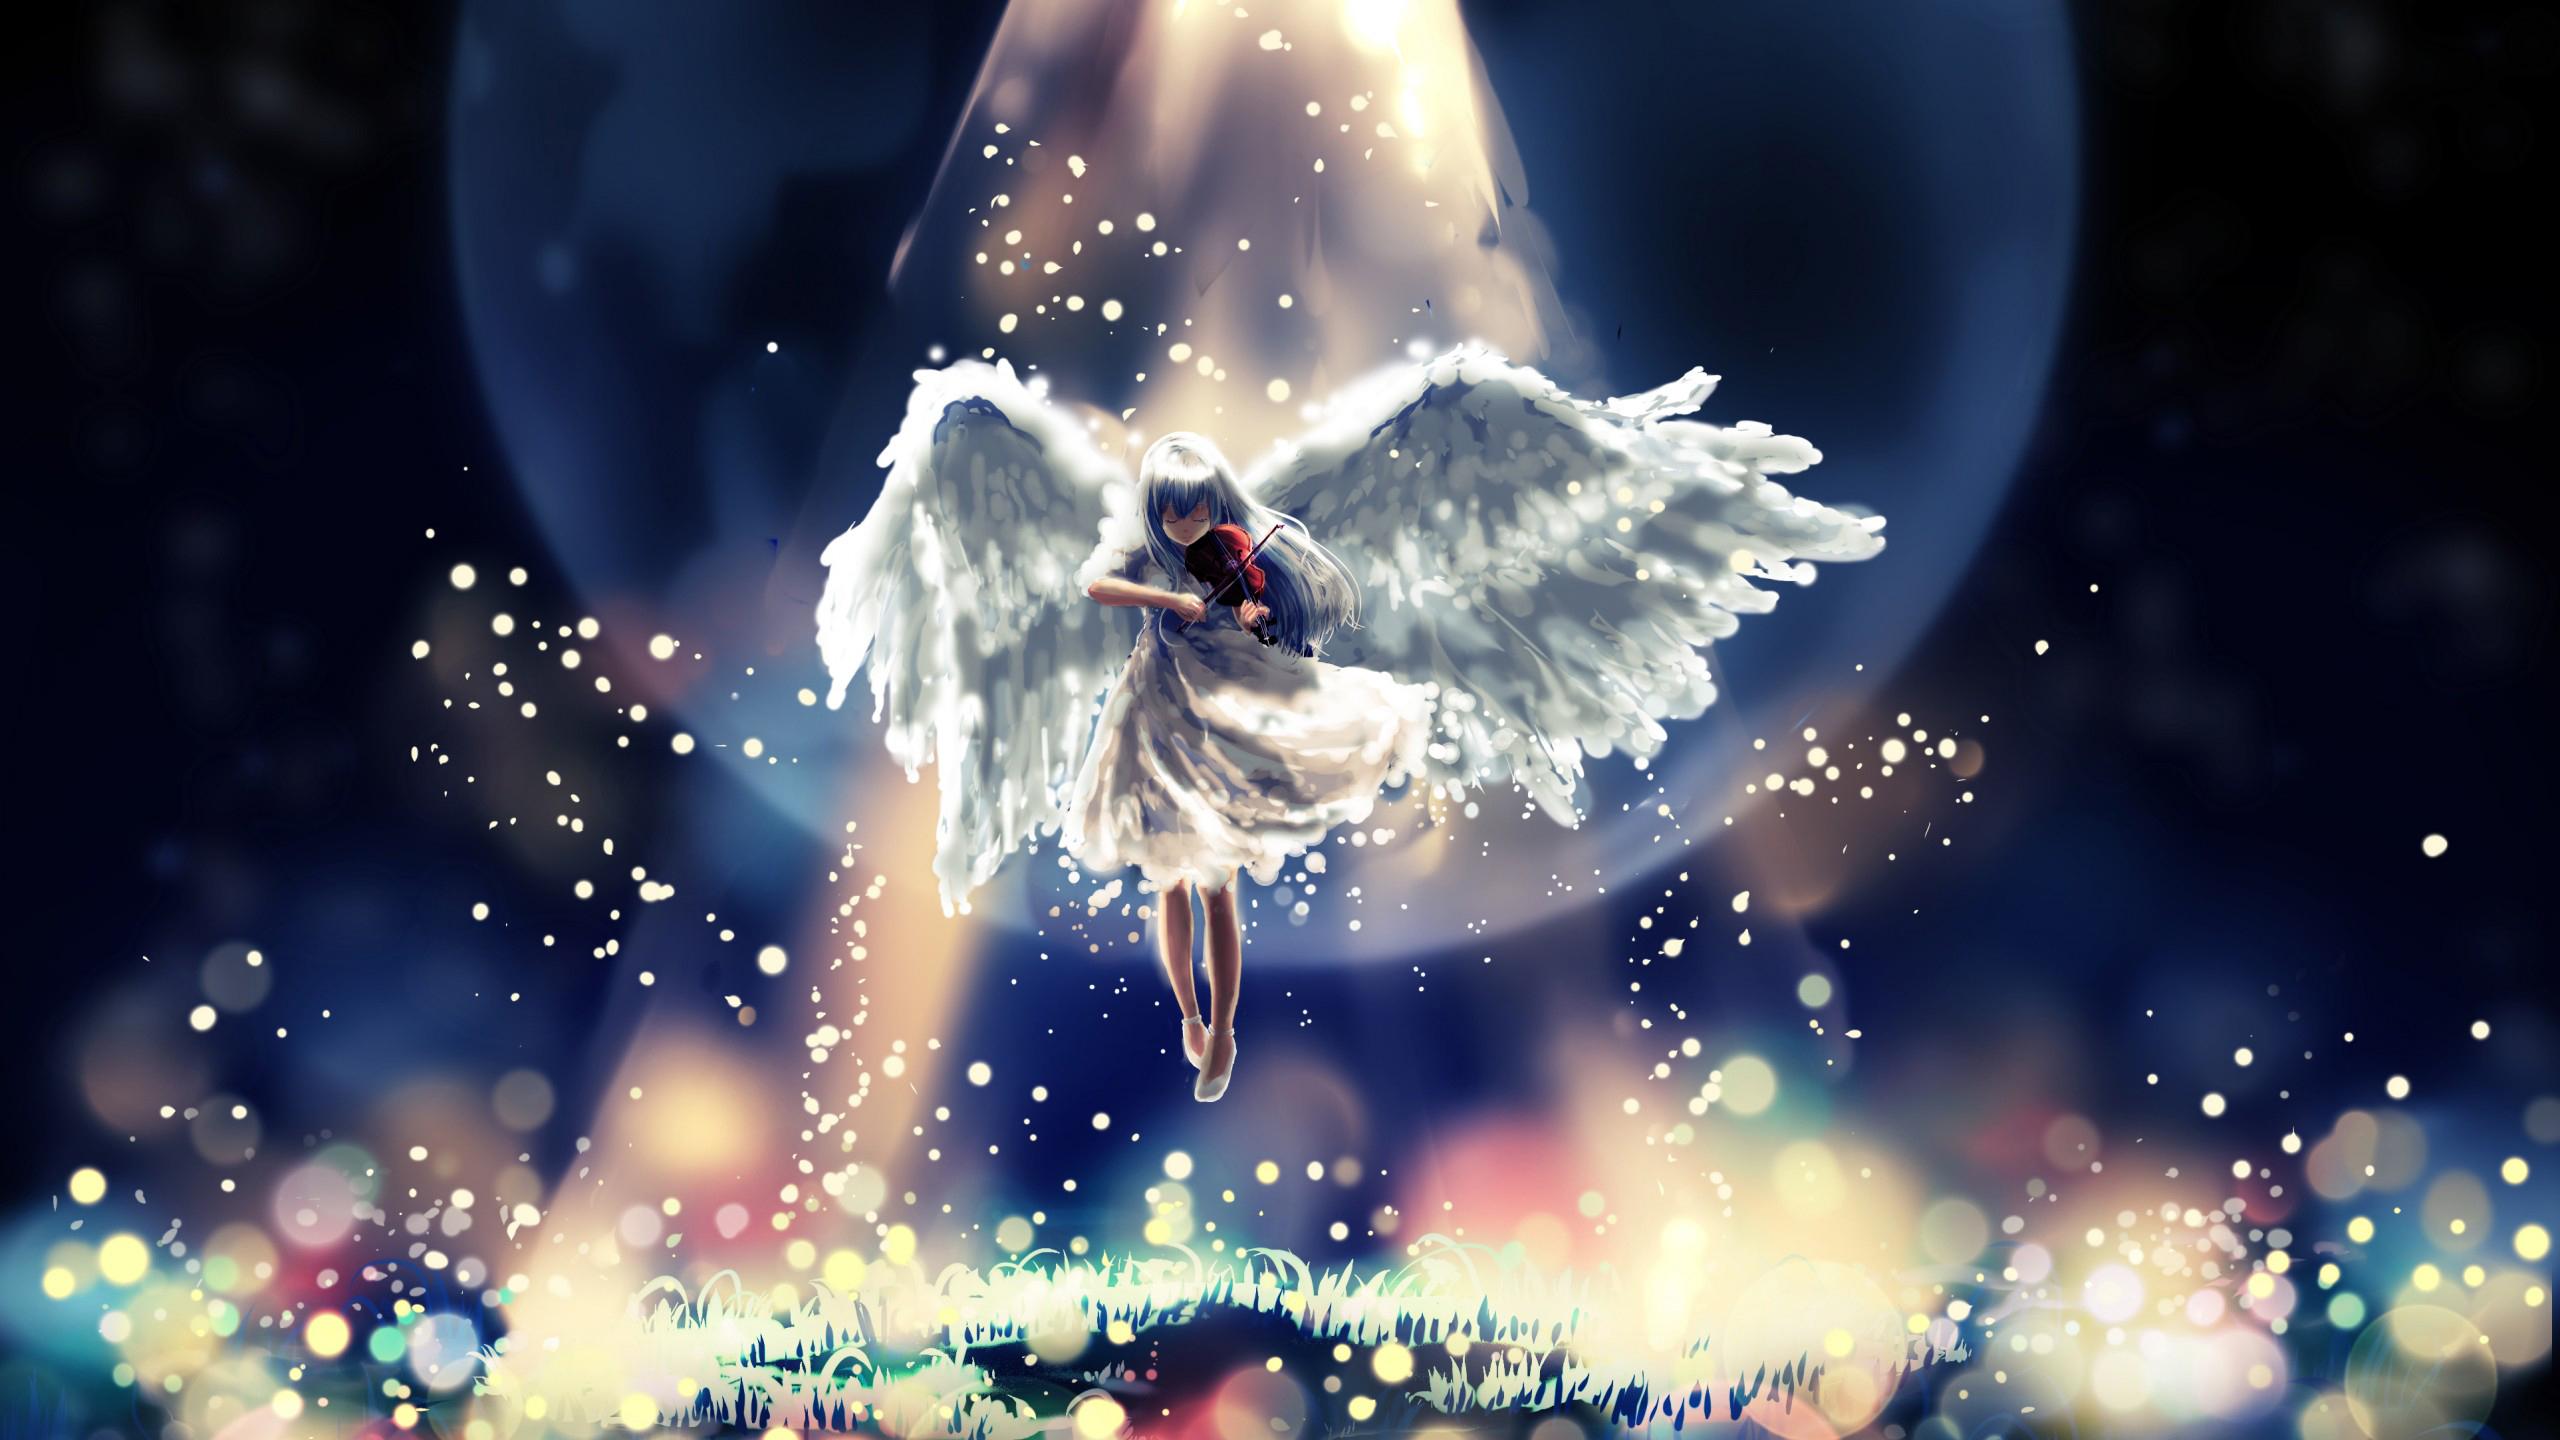 Ангел аниме обои скачать